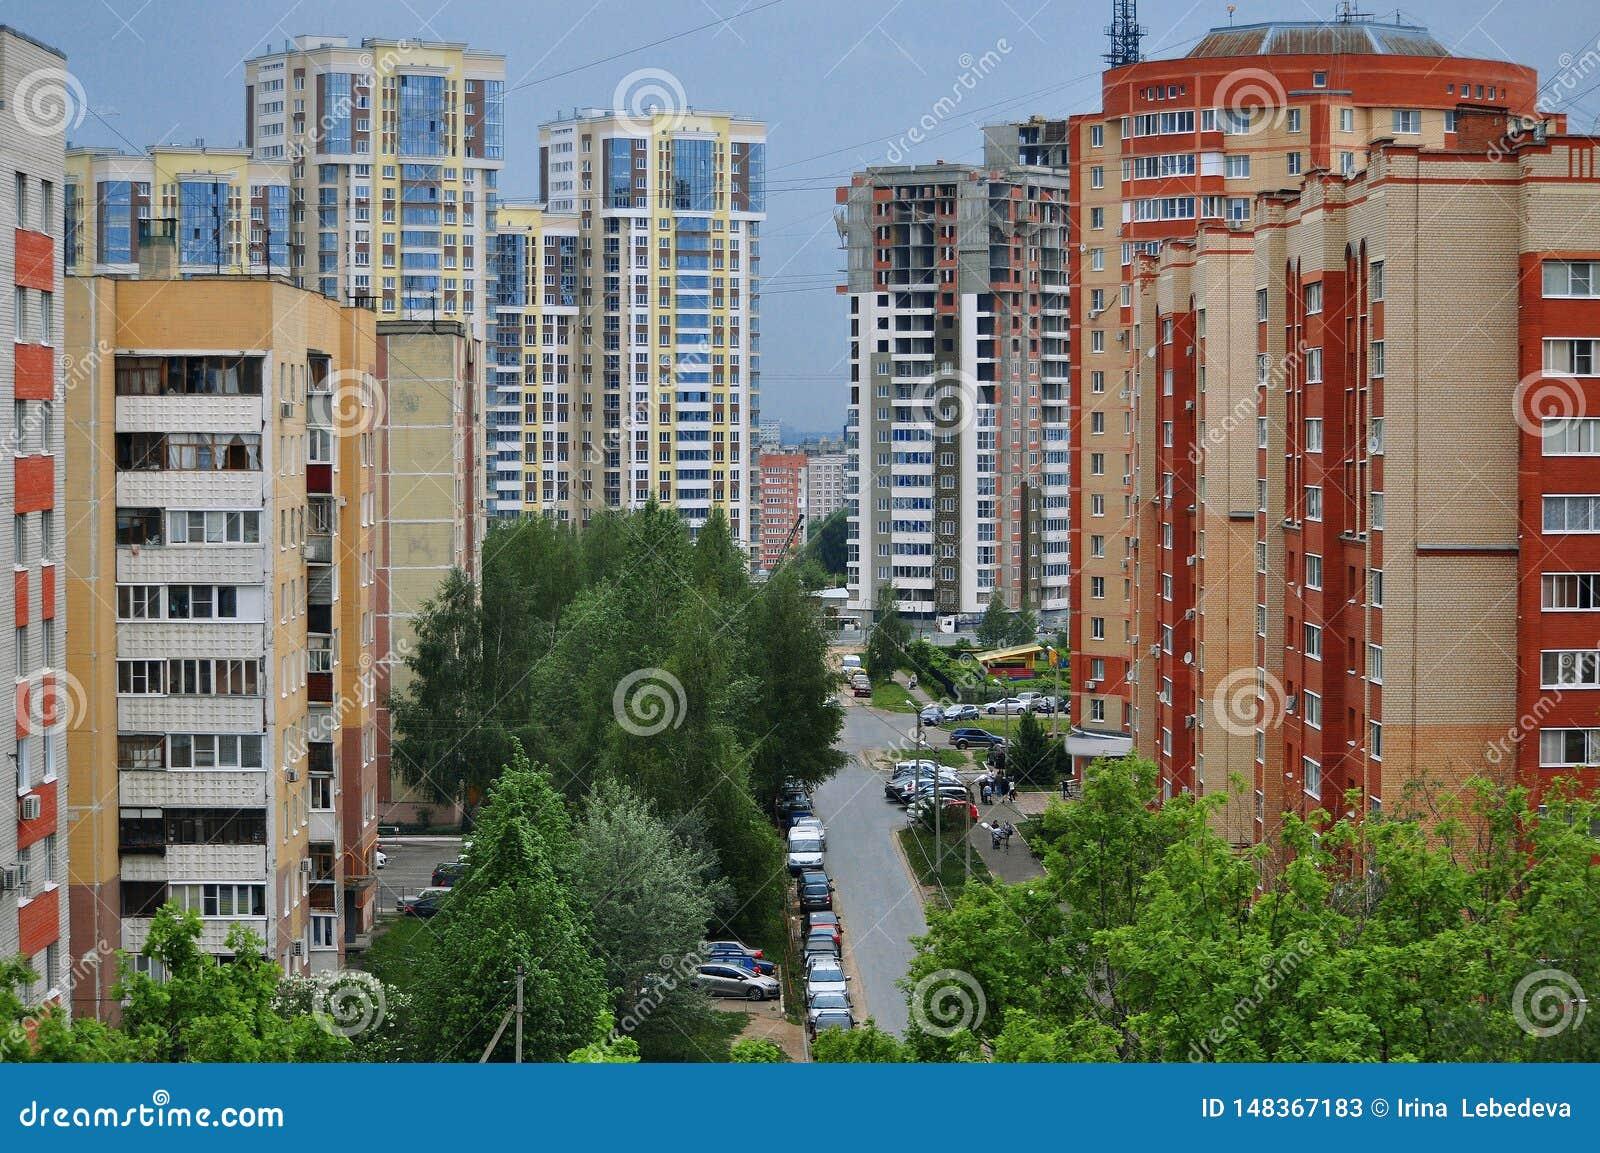 De stadshorizon die de kleurrijke huizen overziet met meerdere verdiepingen